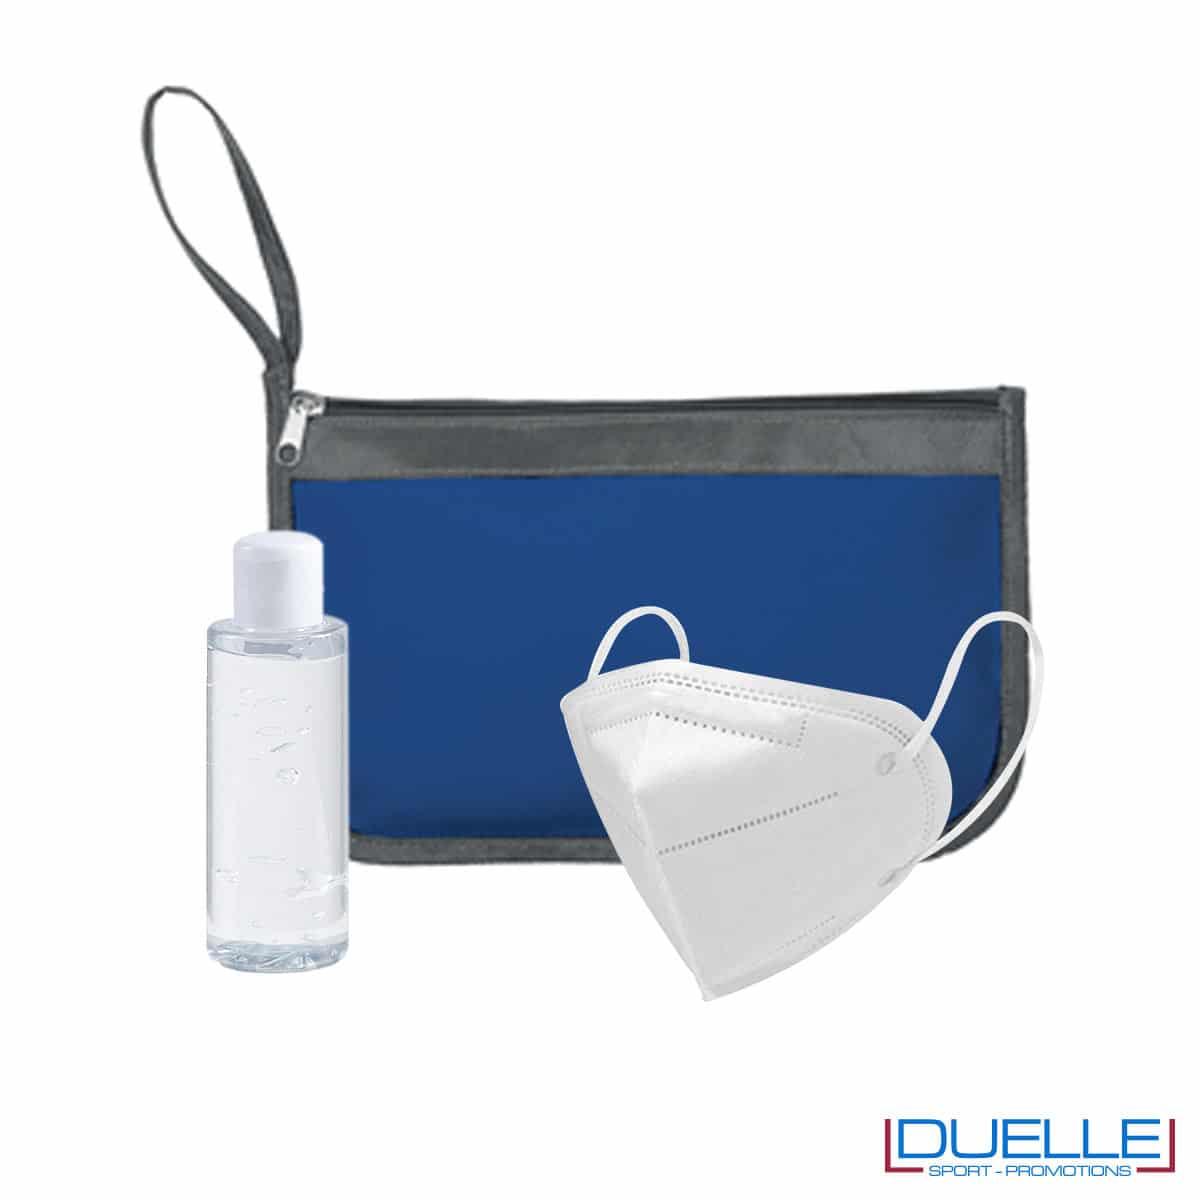 Kit igiene da viaggio con portadocumenti colore blu navy personalizzato